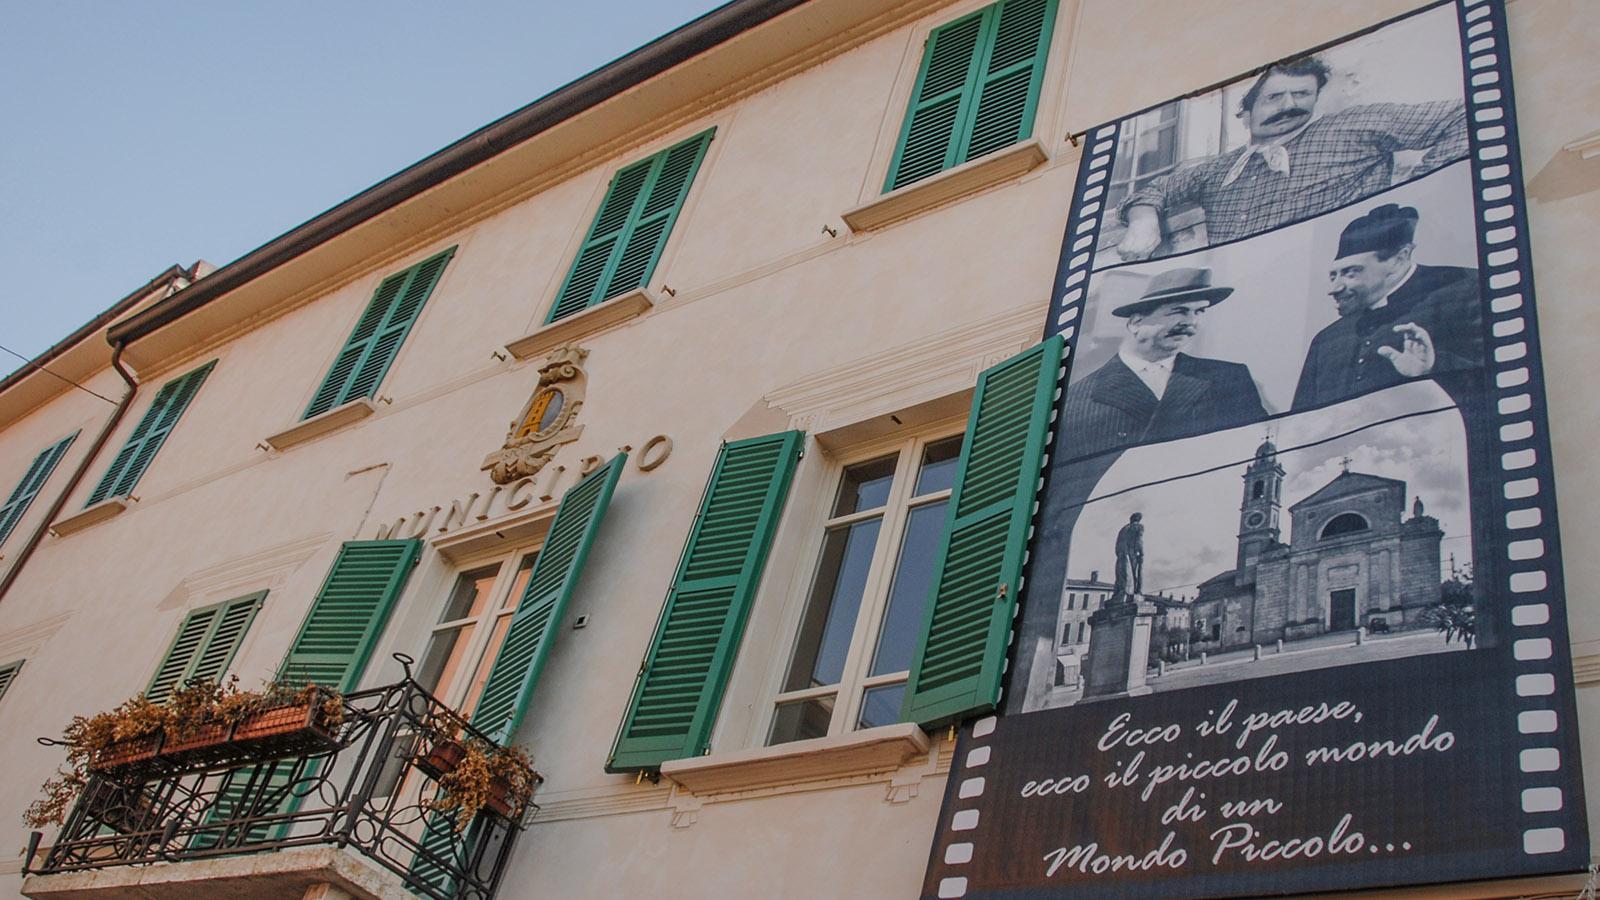 Don Camillo und Peppone: die Erinnerung an den Film wird wachgehalten - auch hier am Rathaus von Brescello. Foto: Hilke Maunder